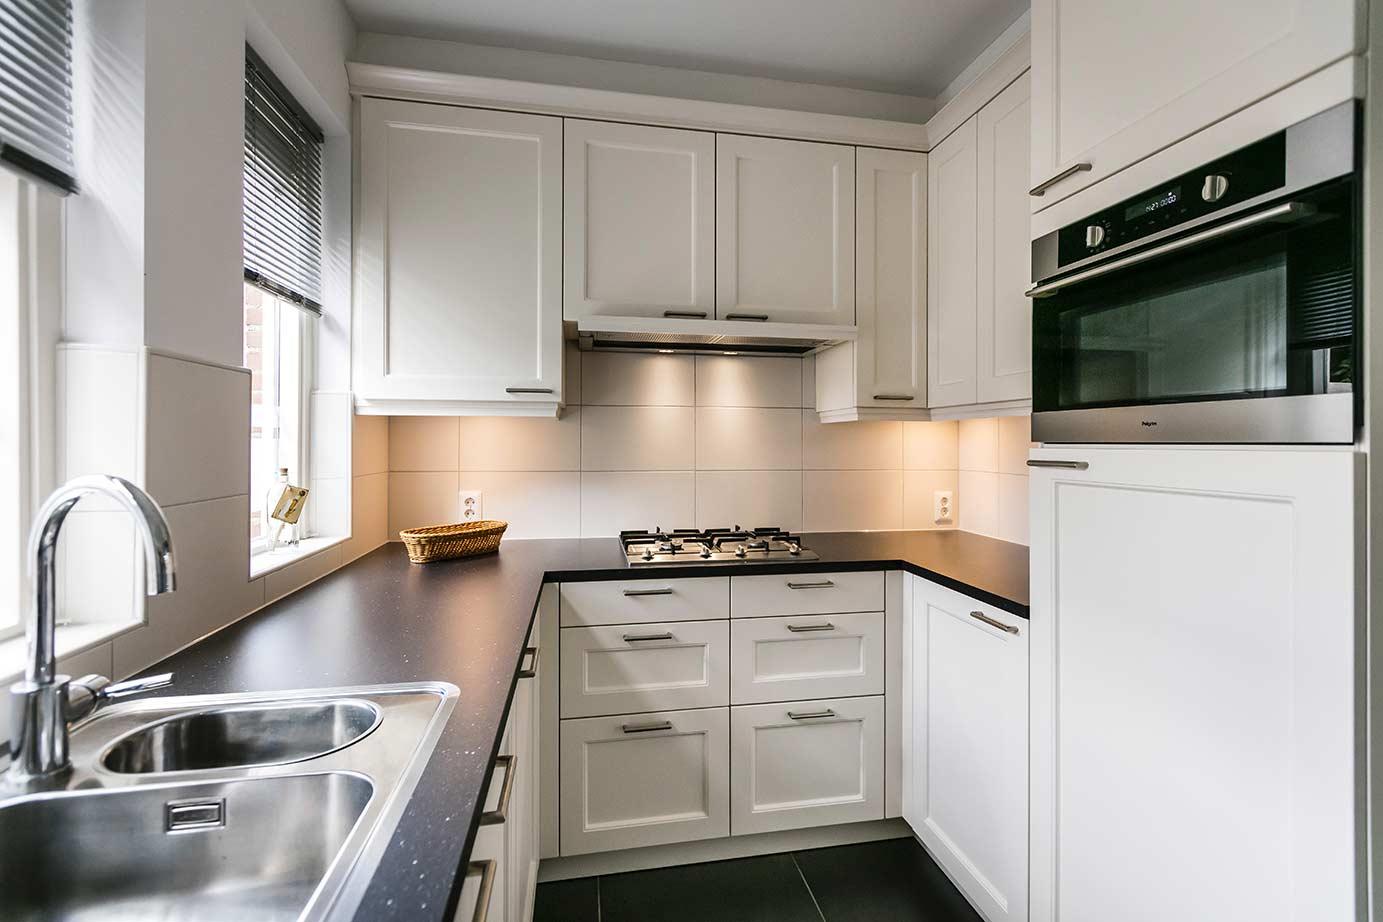 Kleine Keuken Voorbeelden : Kleine u keuken. Kleine witte landelijke keuken